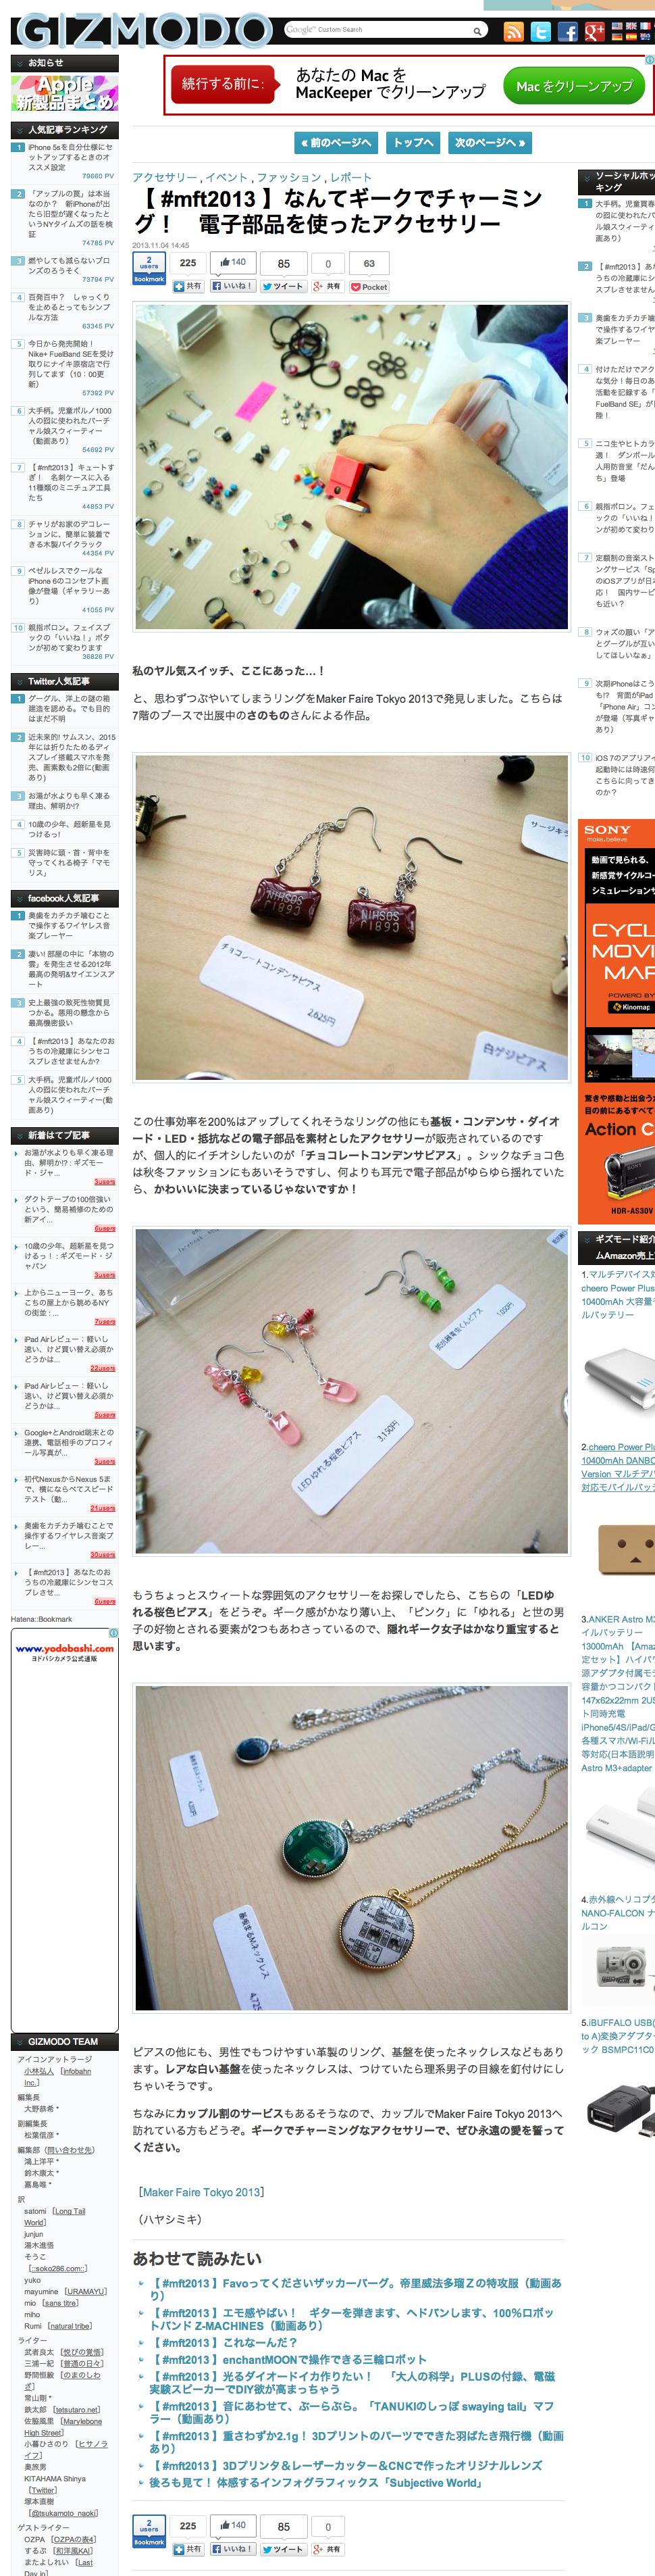 【 #mft2013 】なんてギークでチャーミング! 電子部品を使ったアクセサリー   ギズモード・ジャパン